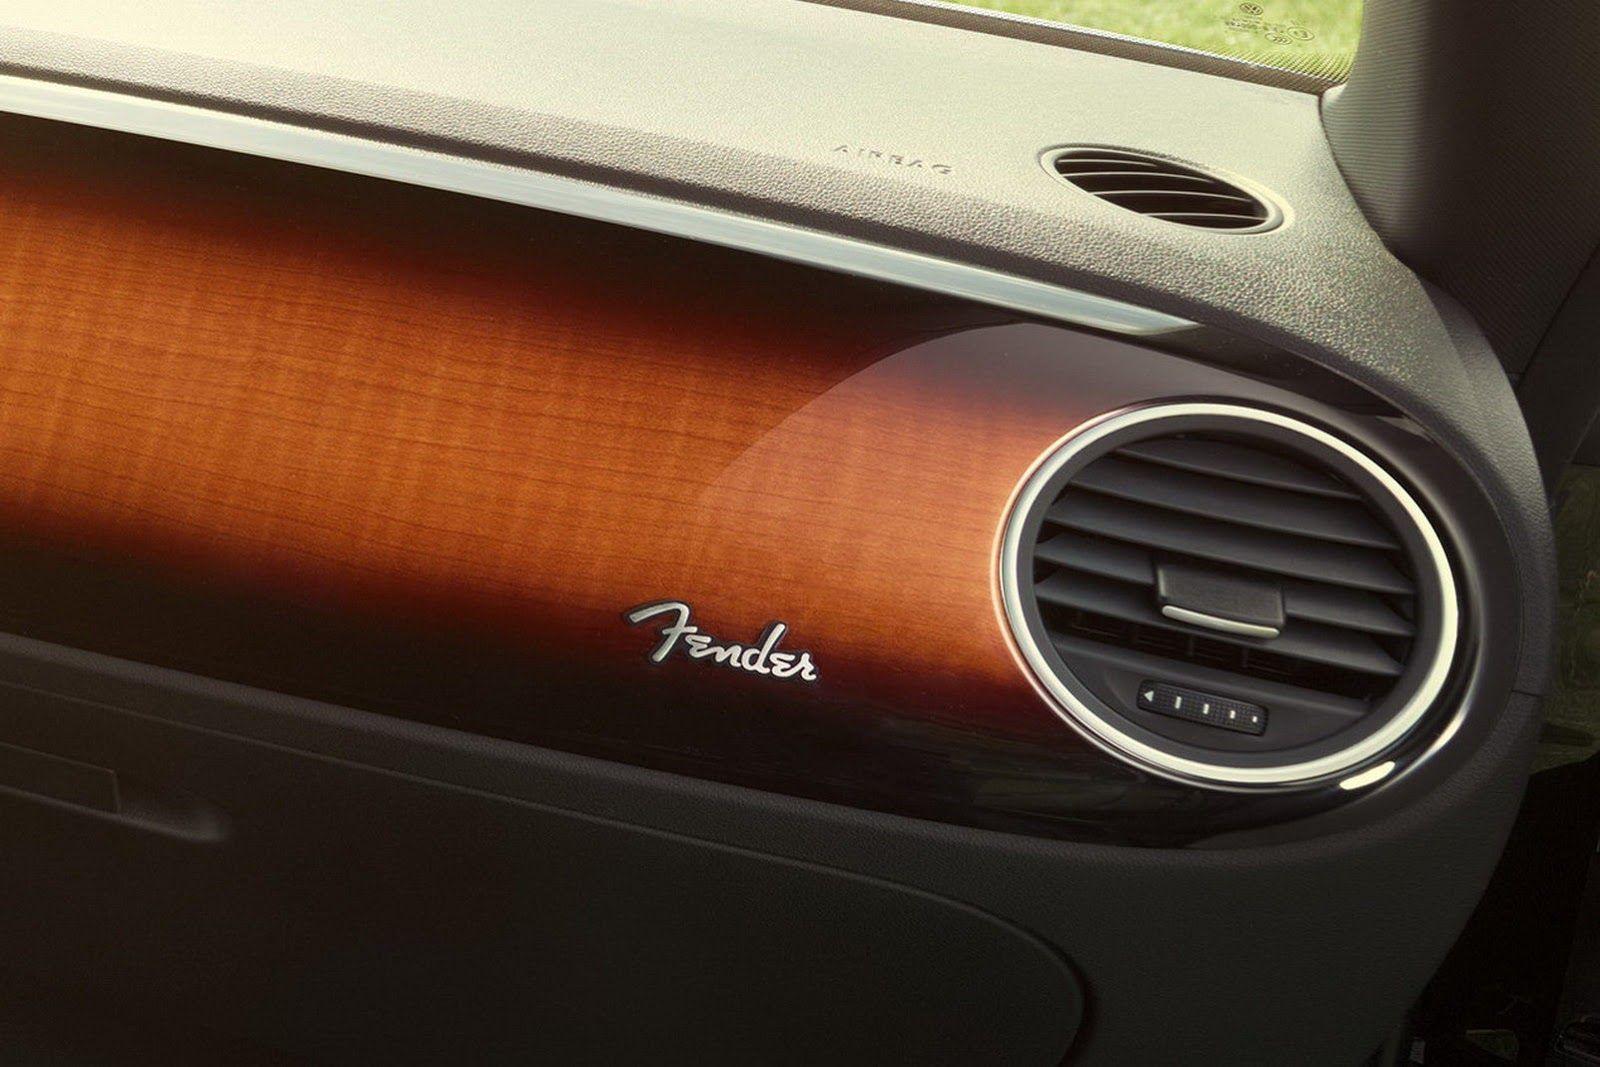 Images volkswagen coccinelle fender volkswagen coccinelle fender en - Vw Beetle Fender 2013 Interior 1 Jpg 1600